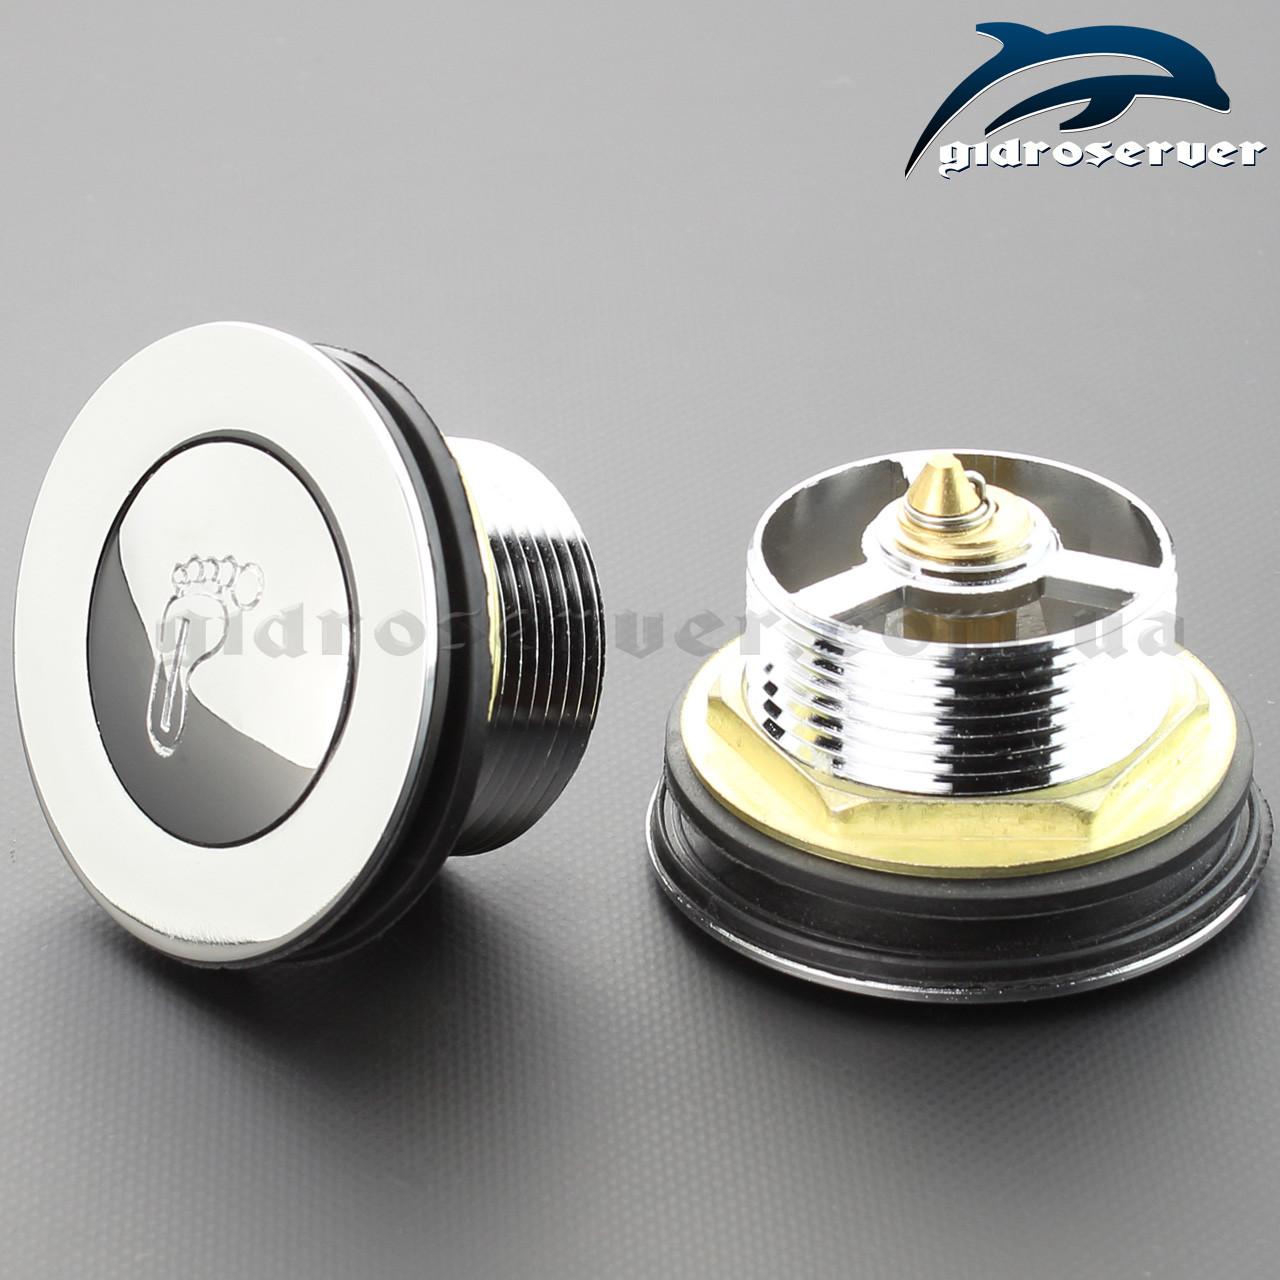 Донний клапан для піддону душової кабіни, гідромасажного боксу DK - 01.